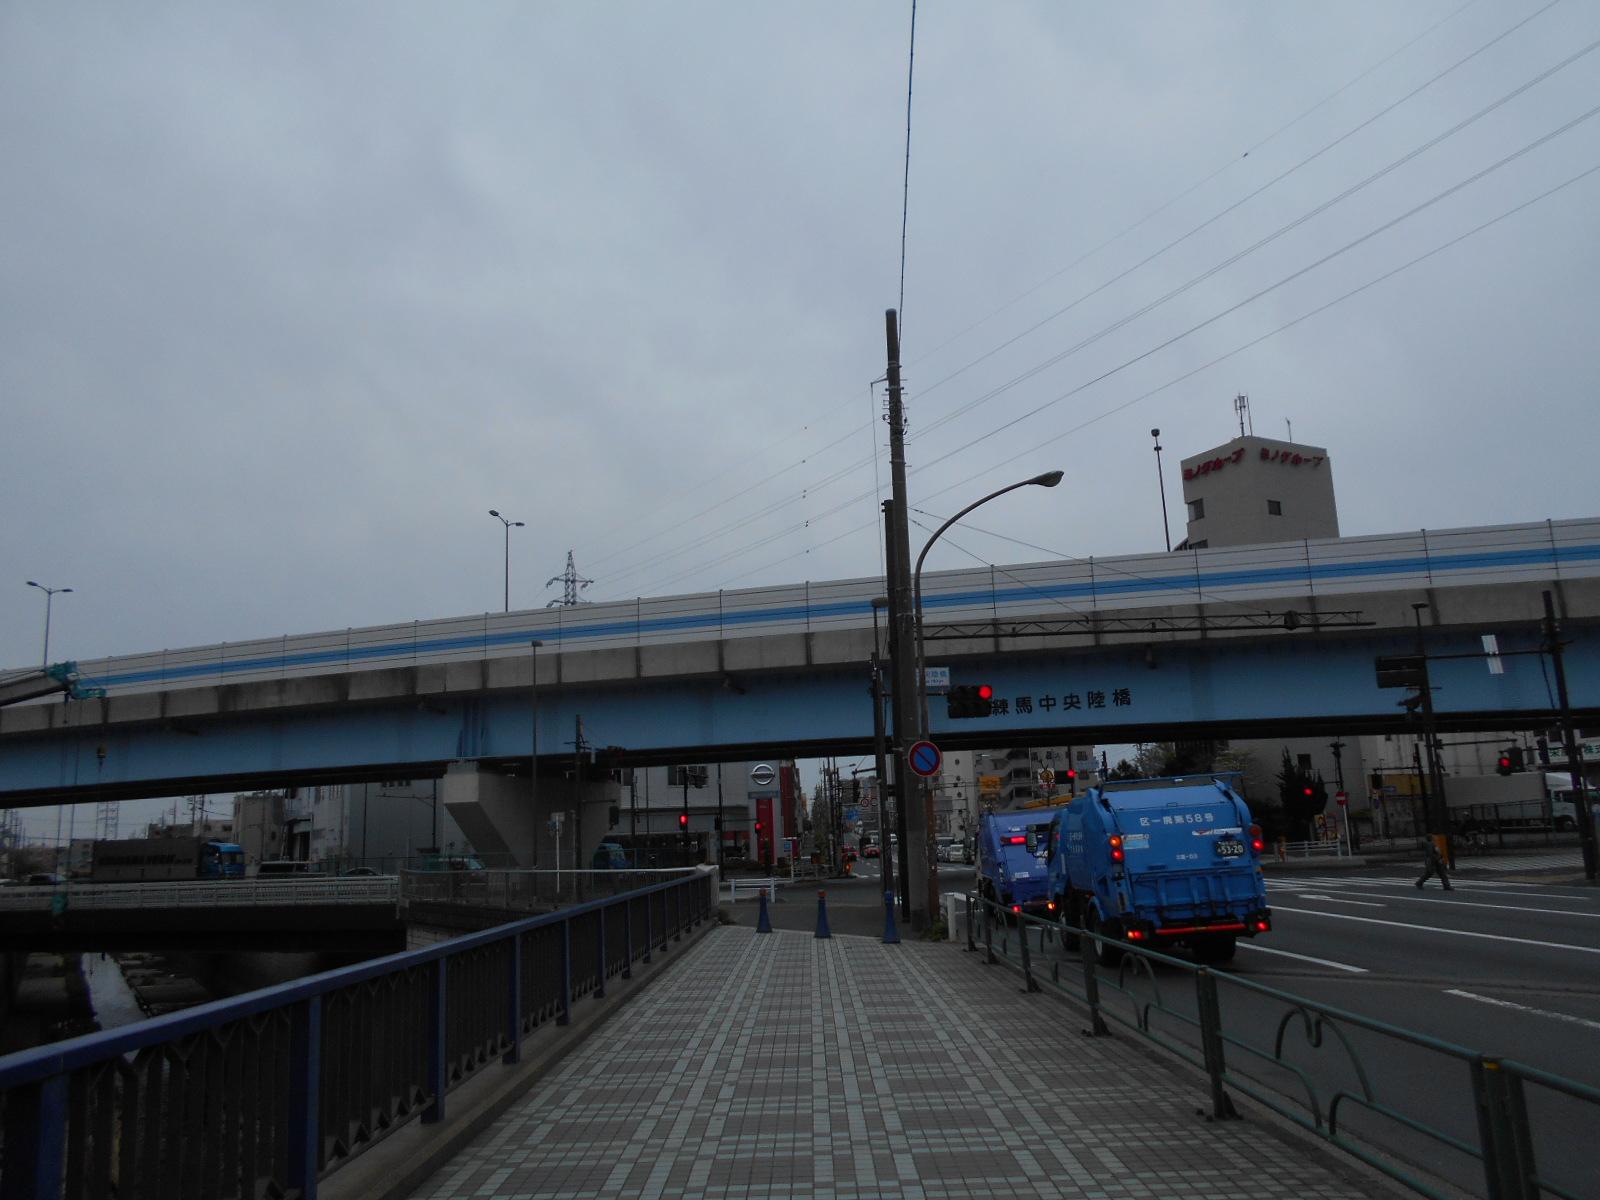 DSCN8254.jpg